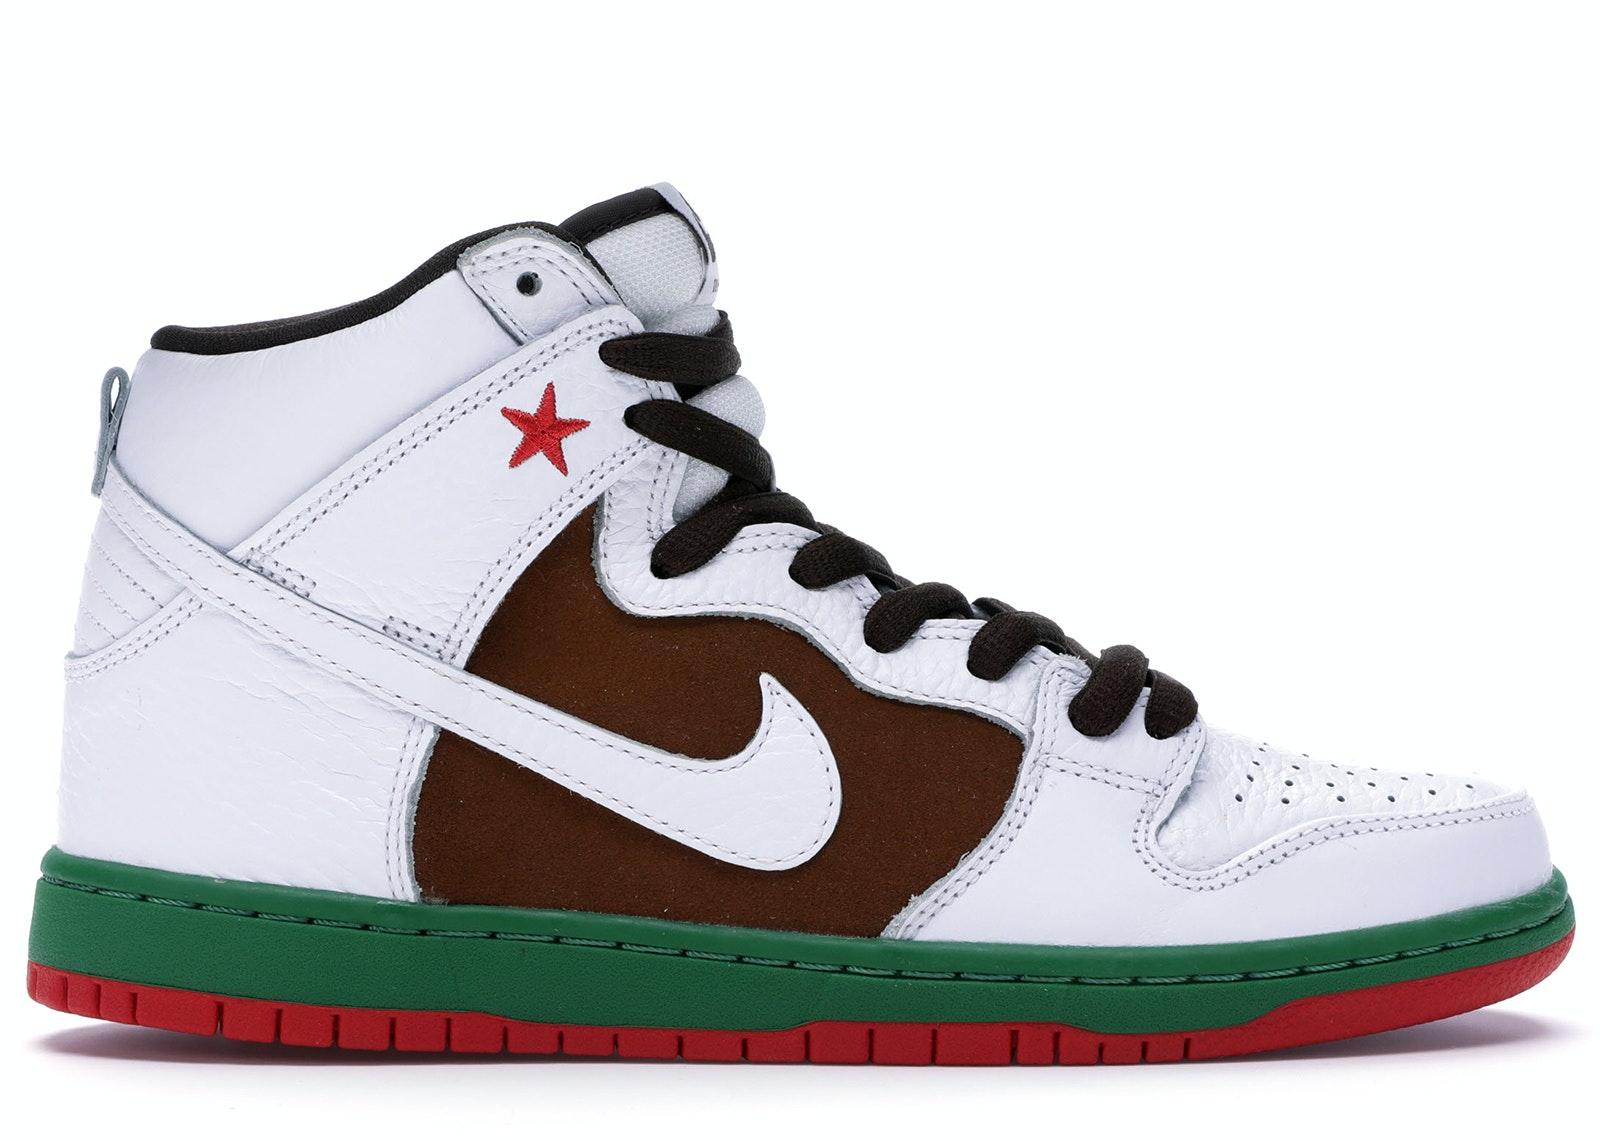 Nike Dunk SB High Cali (2014)